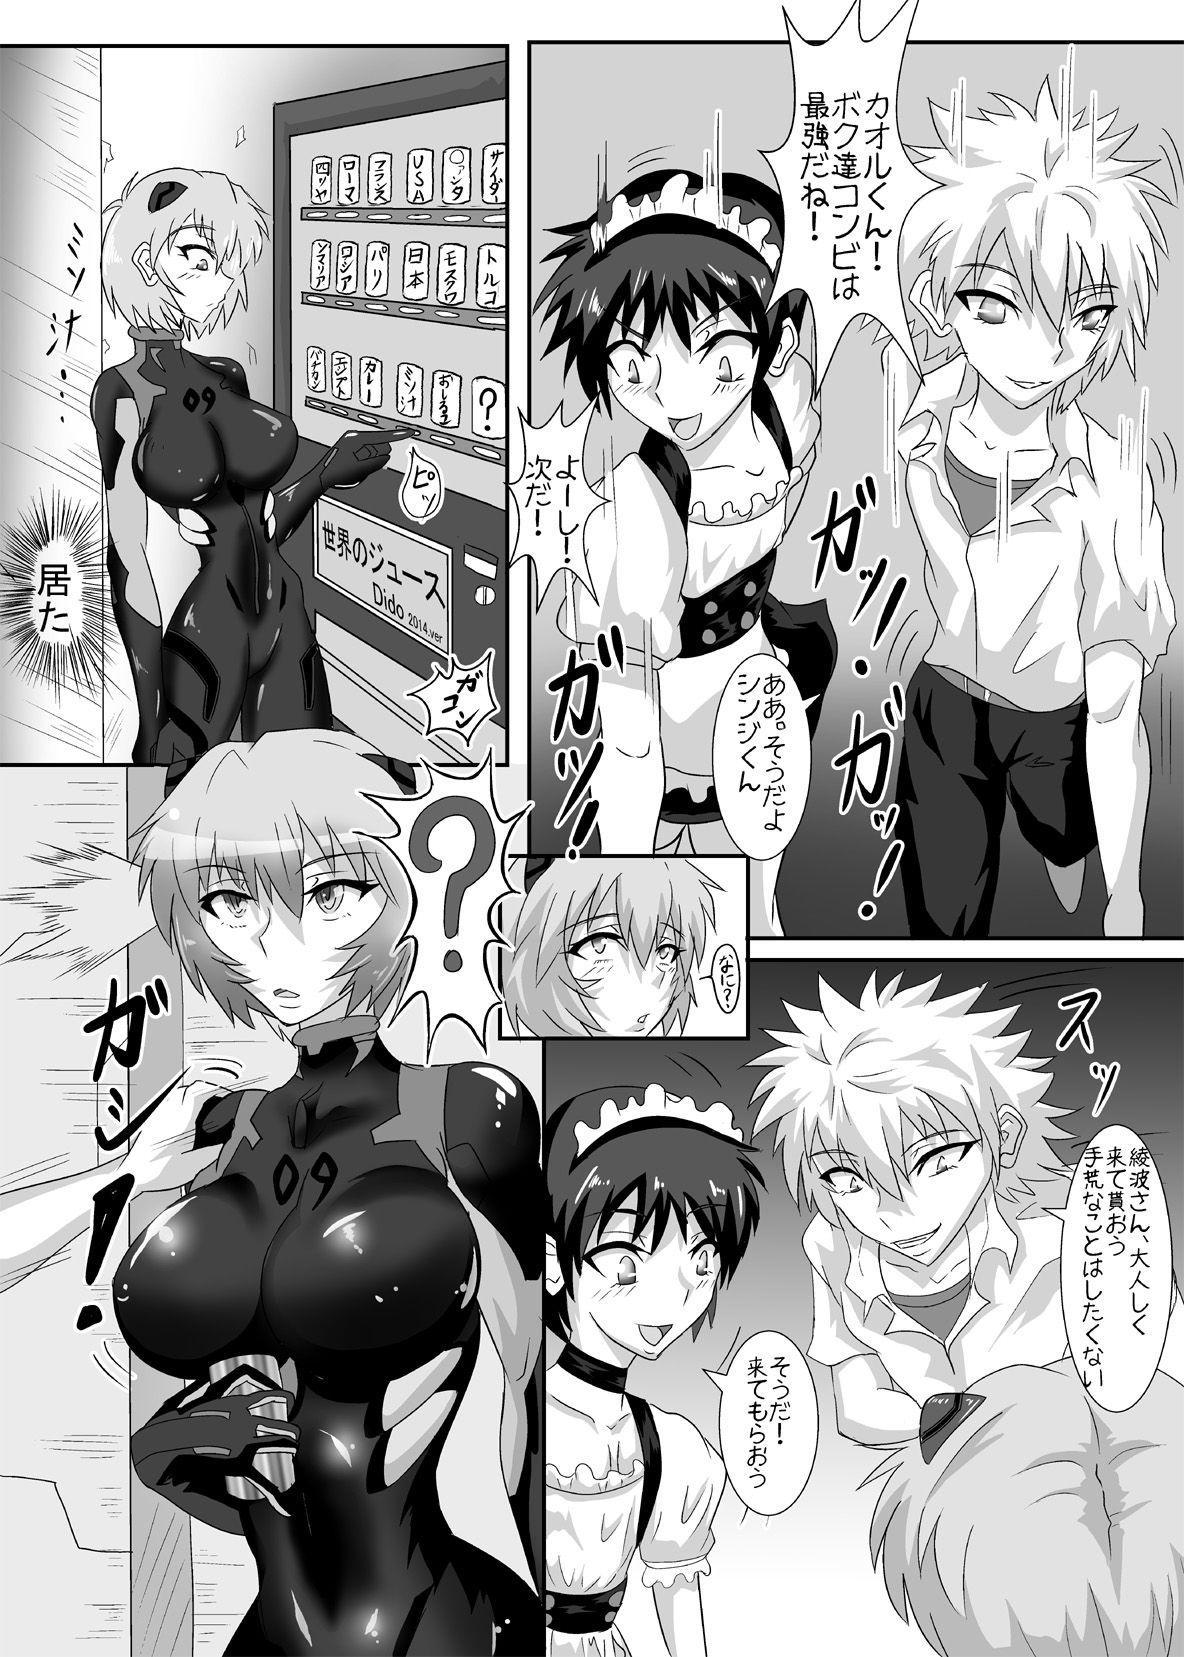 Shinji-kun no Makeikusa 13